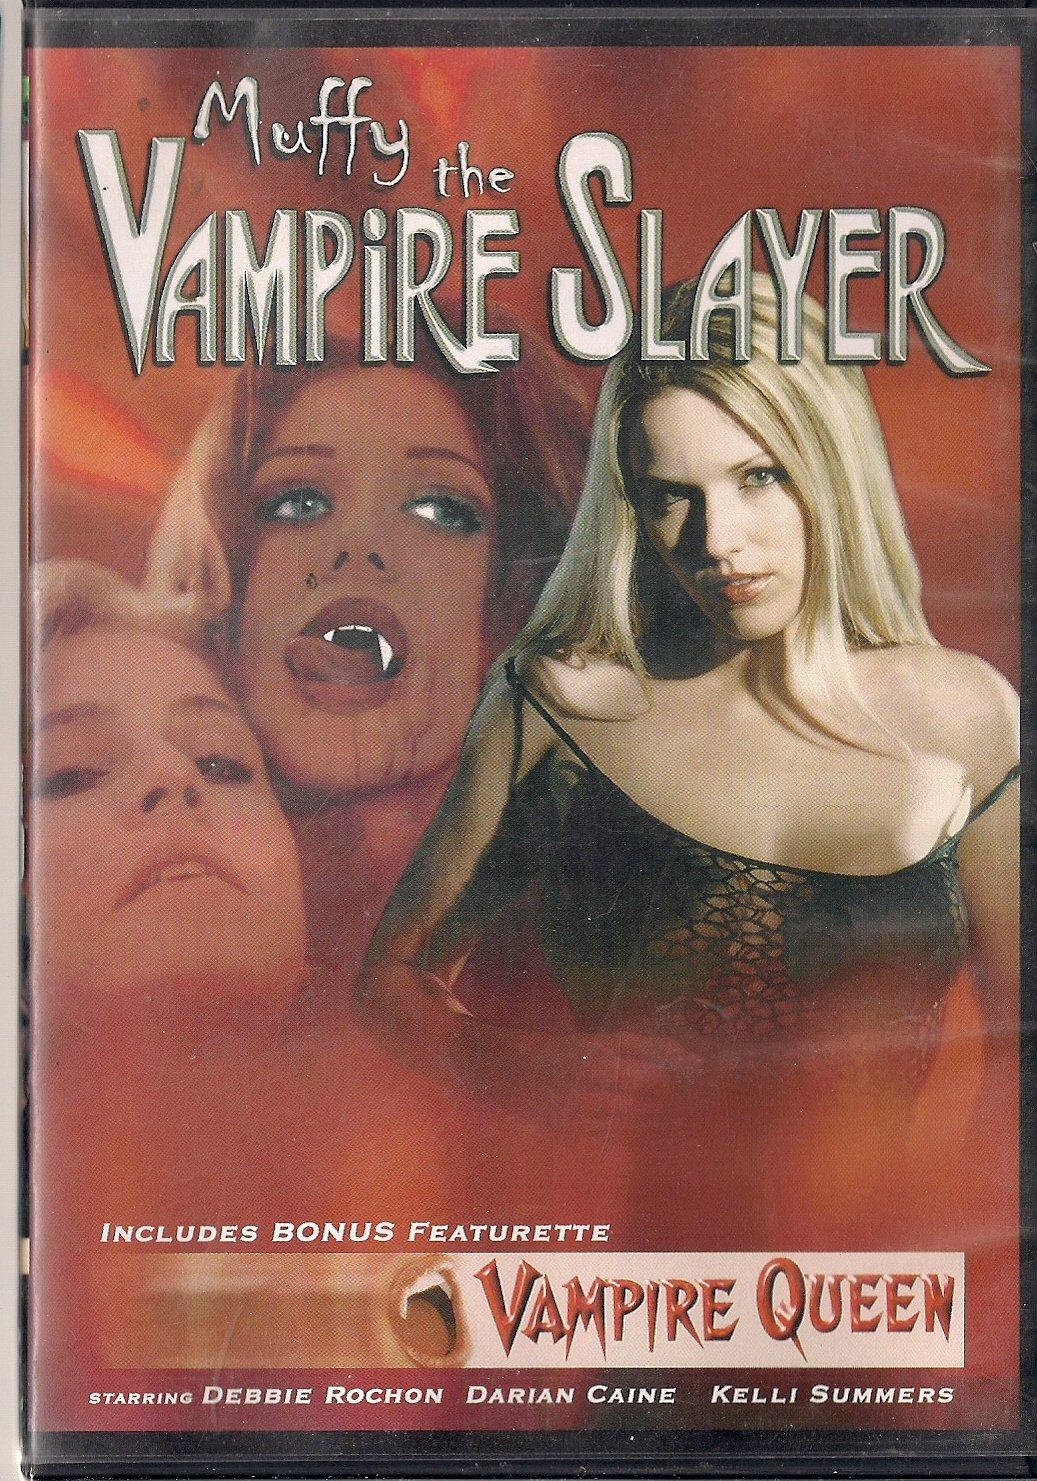 Muffy the Vampire Slayer / Vampire Queen